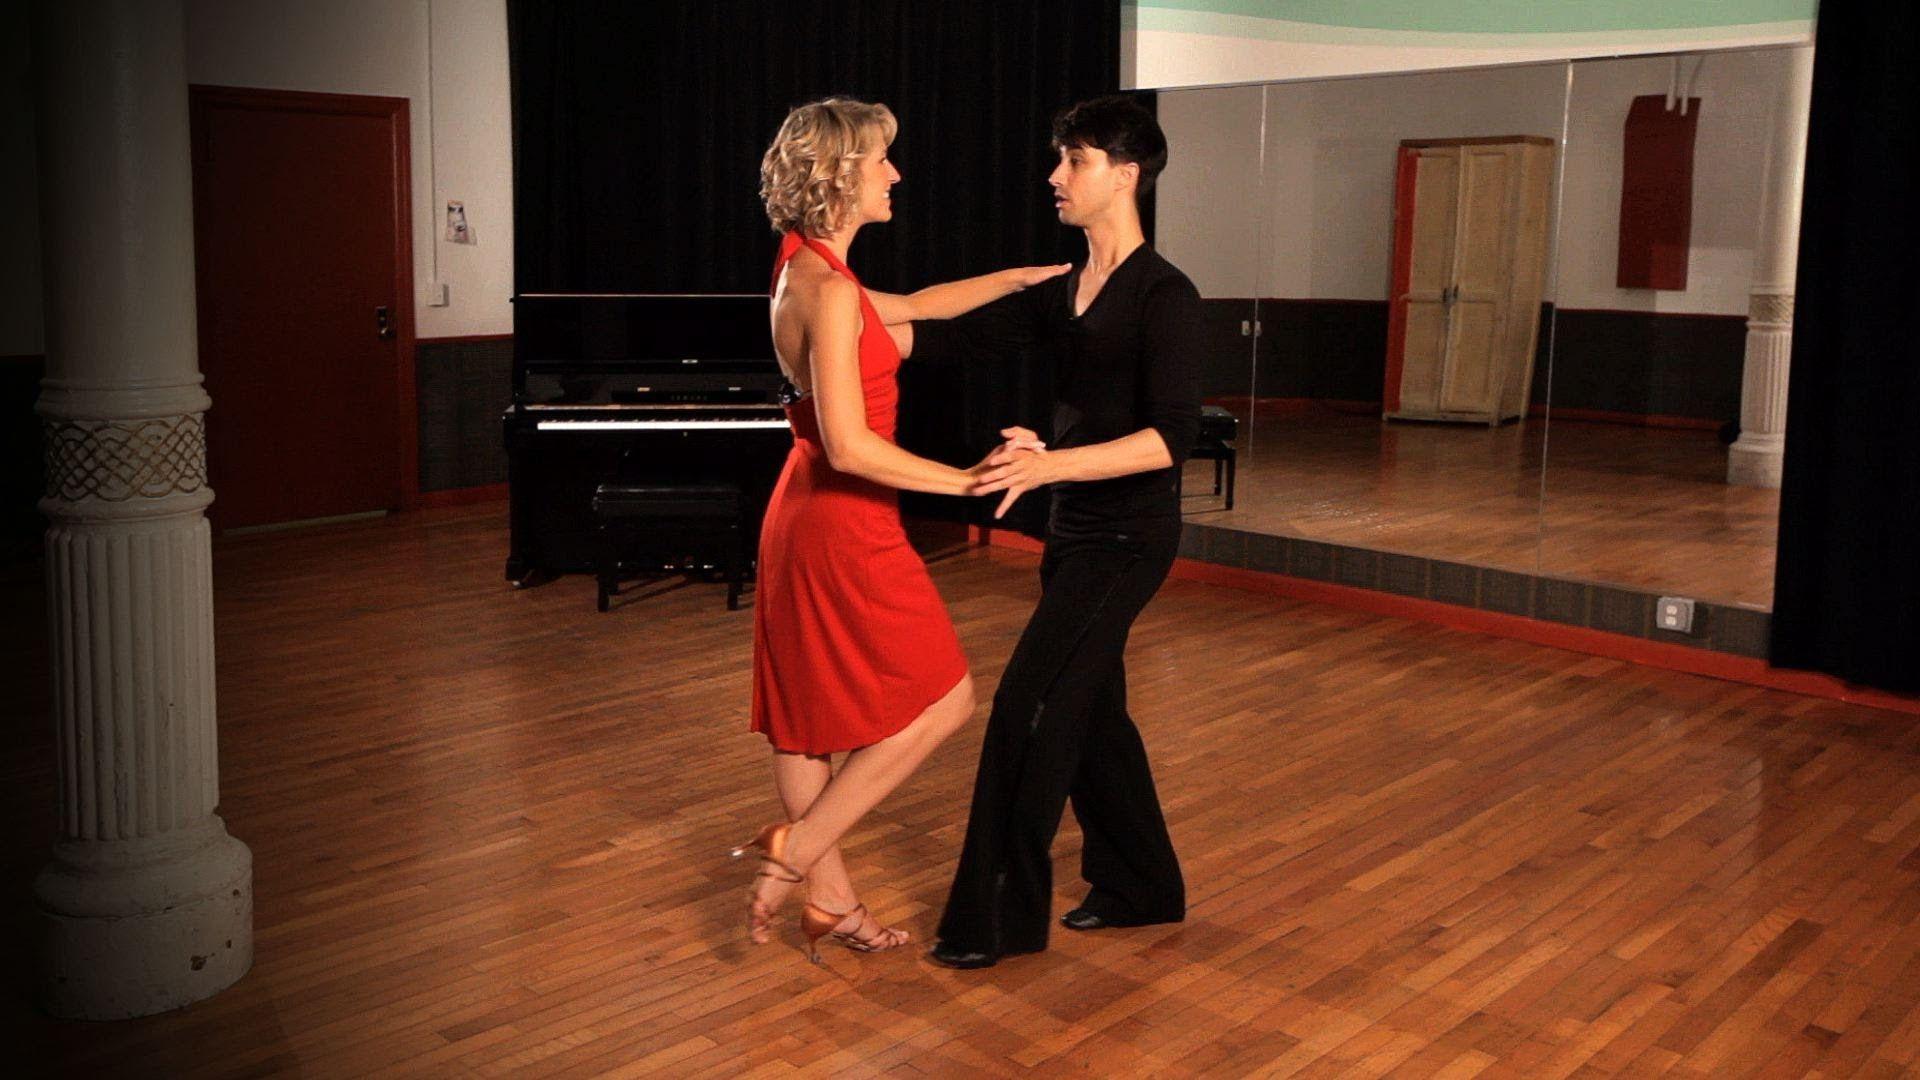 dating ballroom dans OK dating app